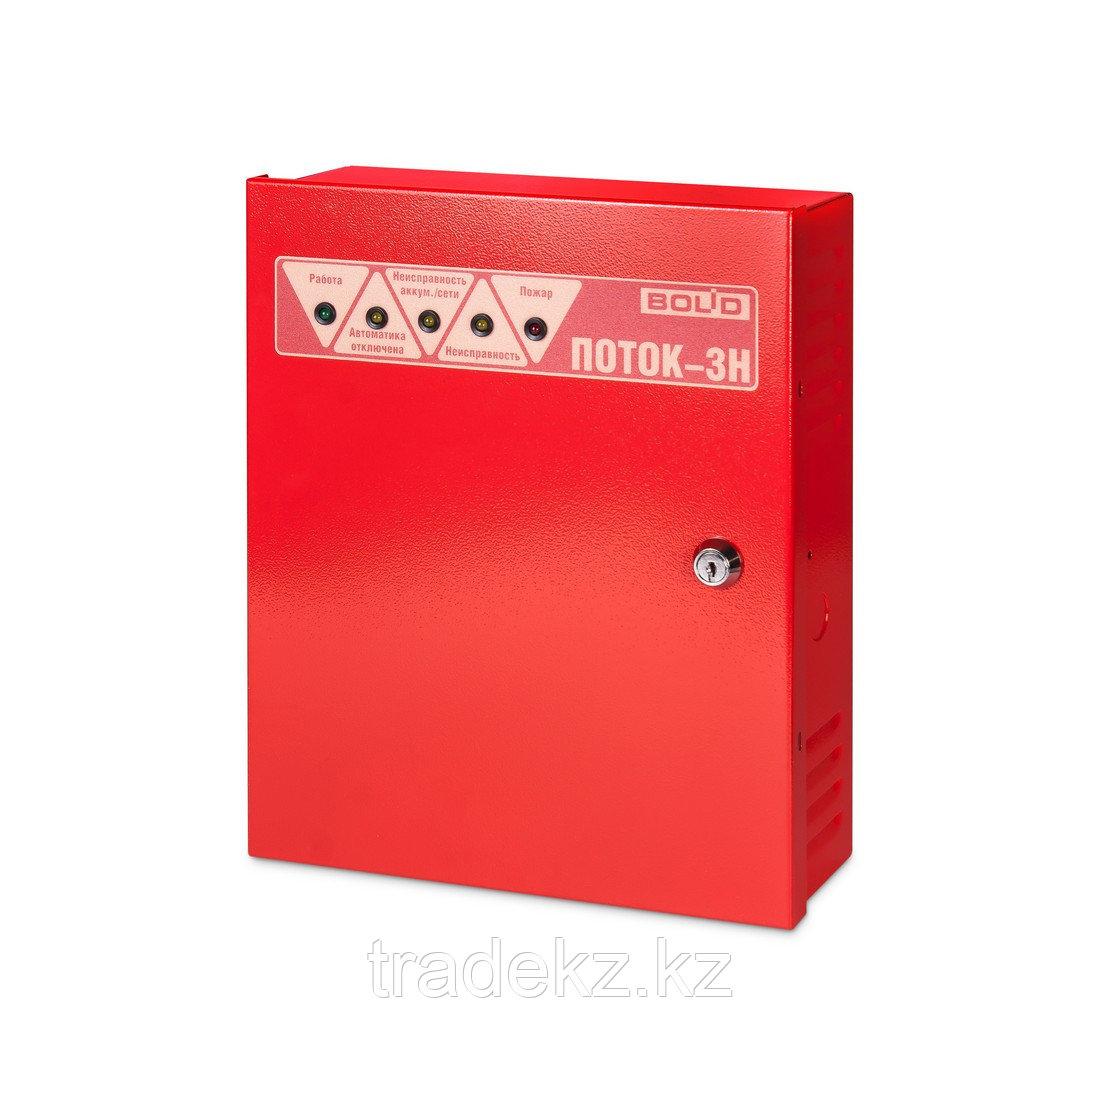 Прибор управления пожарный Болид Поток-3Н